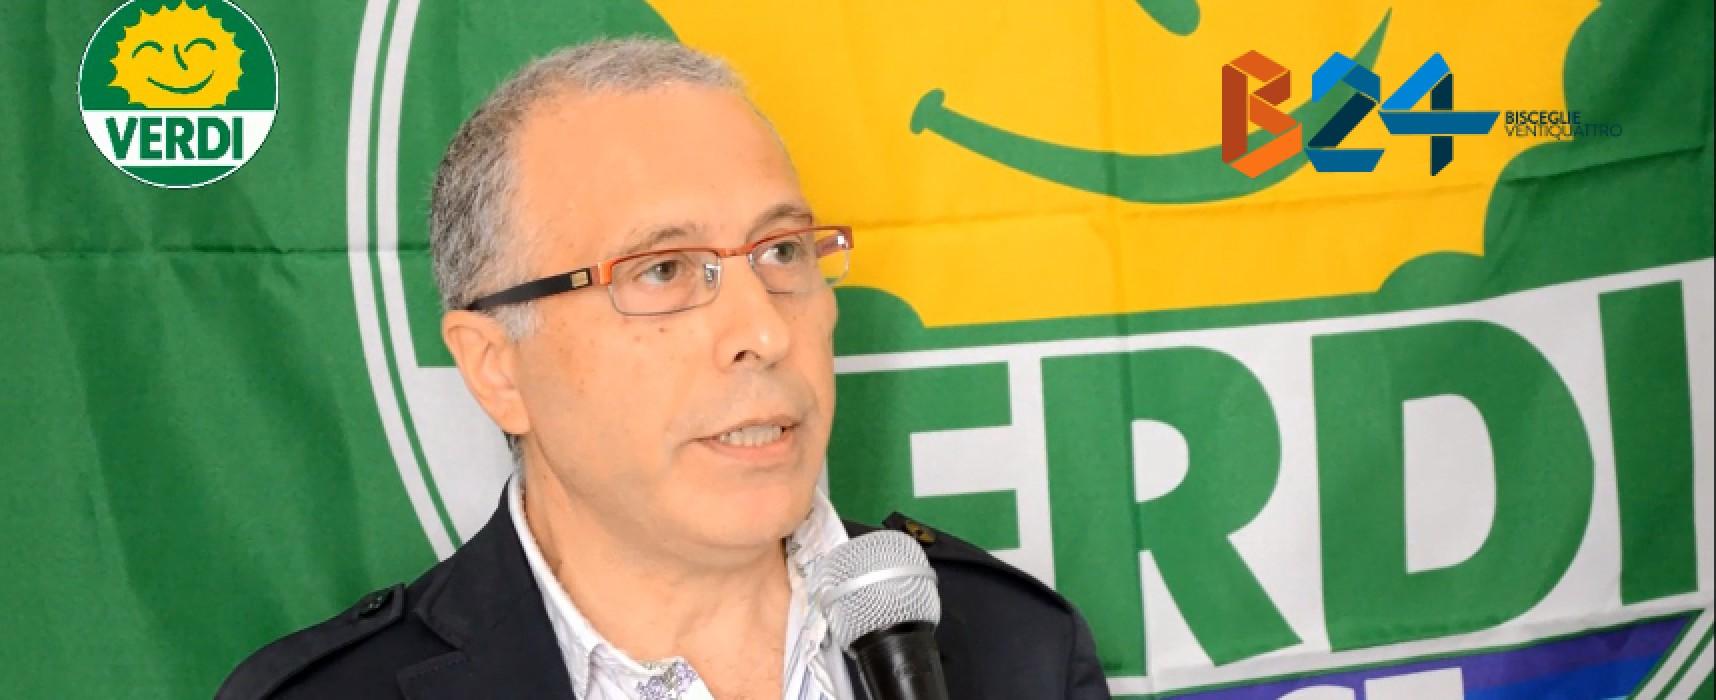 """Parisi (Verdi) a Spina: """"Dimettetevi e restituite la parola ai cittadini"""""""